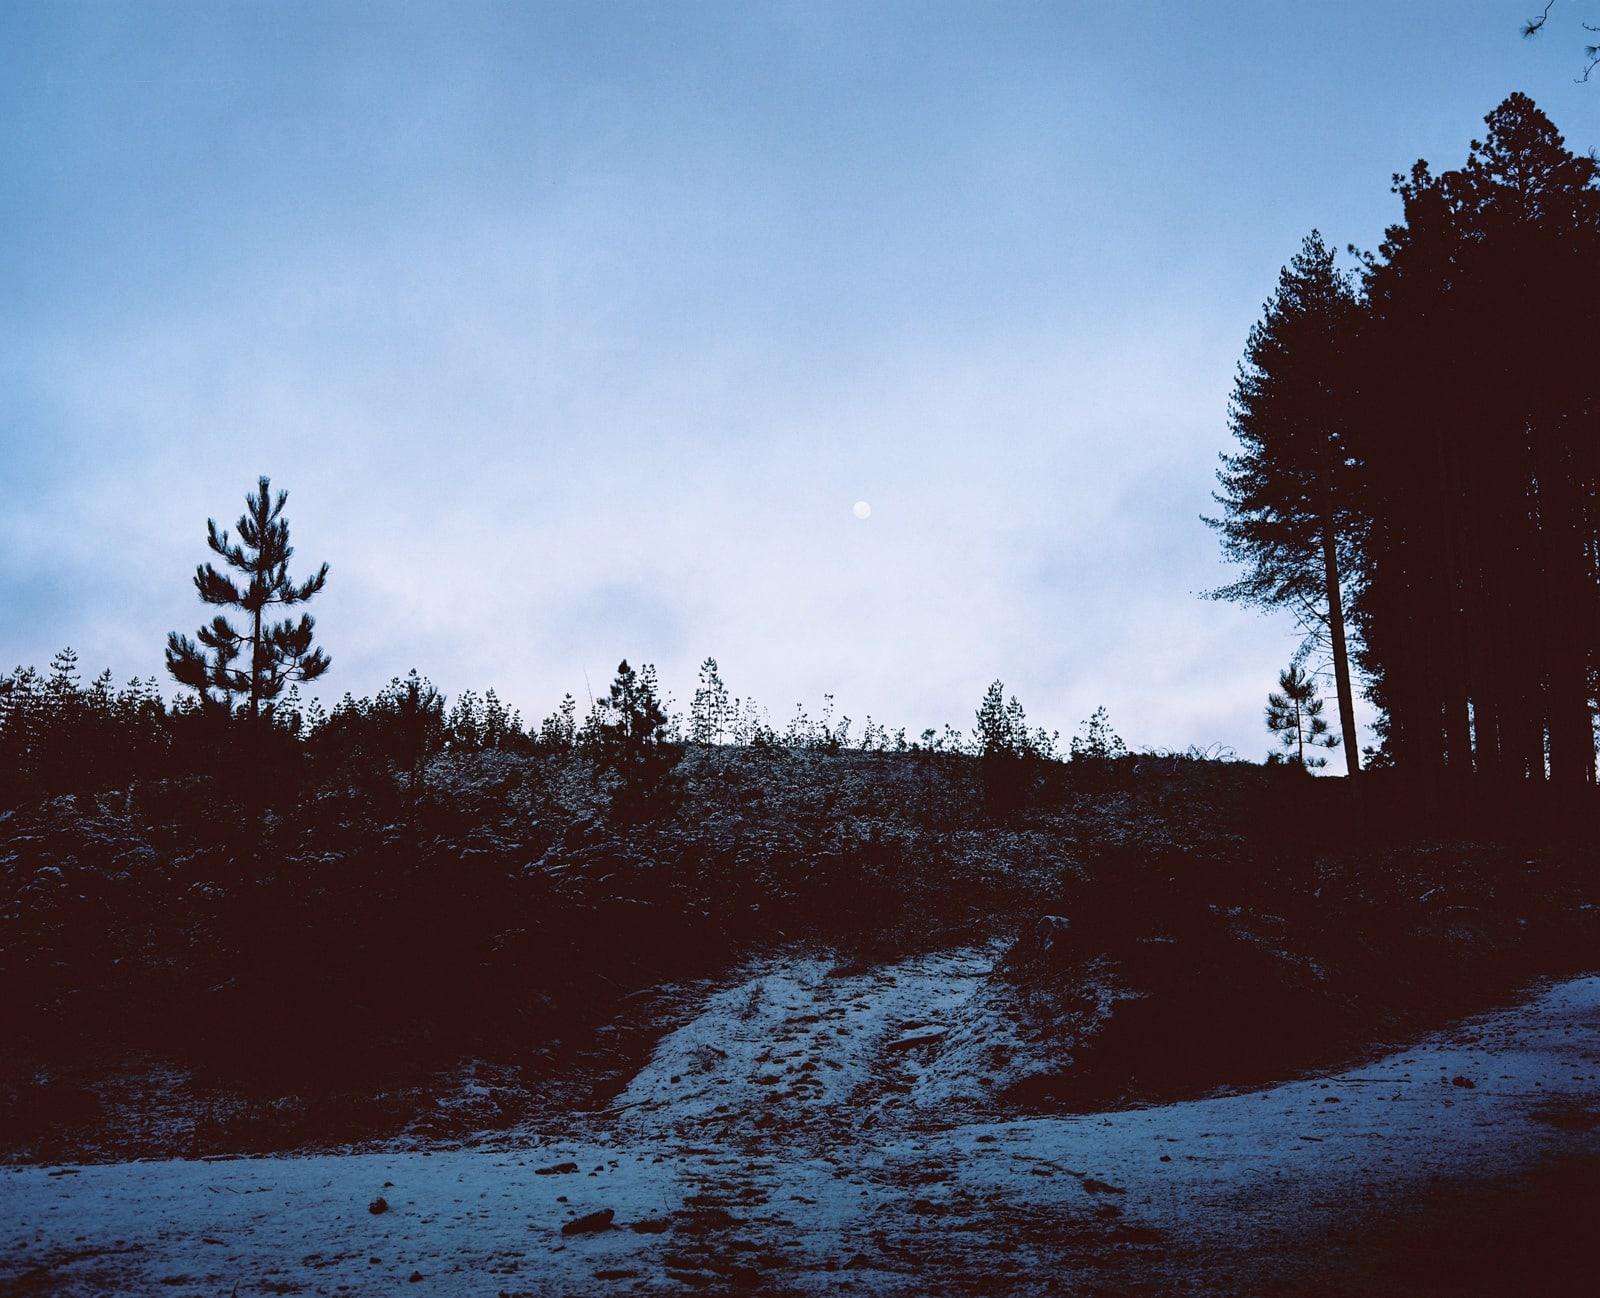 Sugar Pine Forest